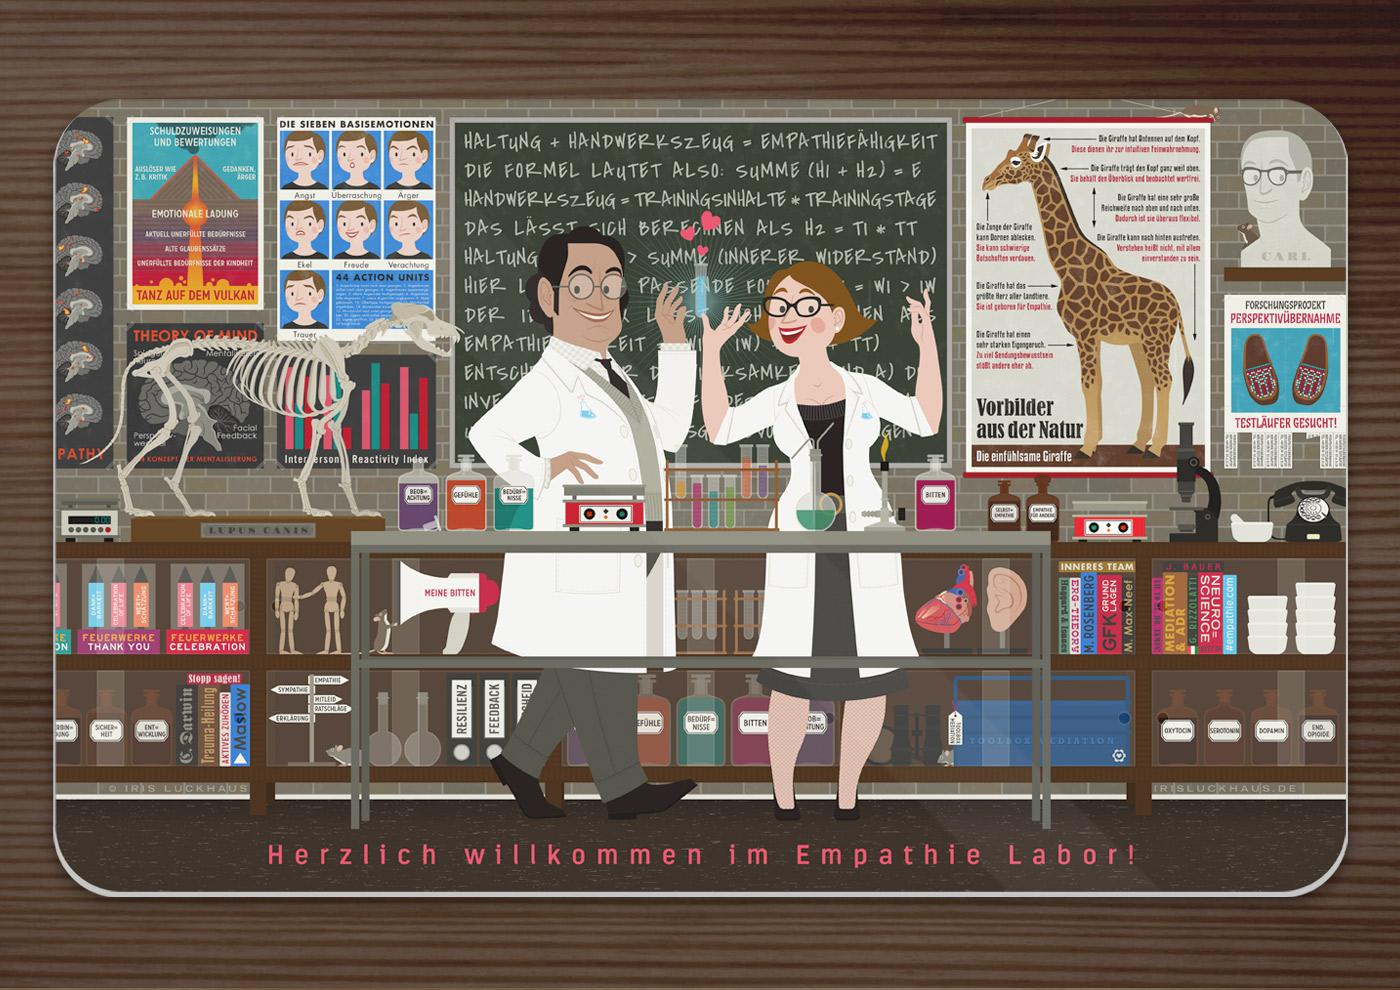 Frühstücksbrettchen mit einem Empathie-Labor, wo Chemikerin und Chemiker in einem Labor mit Reagenzgläsern und Laborkolben, einem Wolfsskelett und Infografik zu Mimikresonanz, Vulkan und Giraffe die Formel für Empathie finden, für EmpaTrain